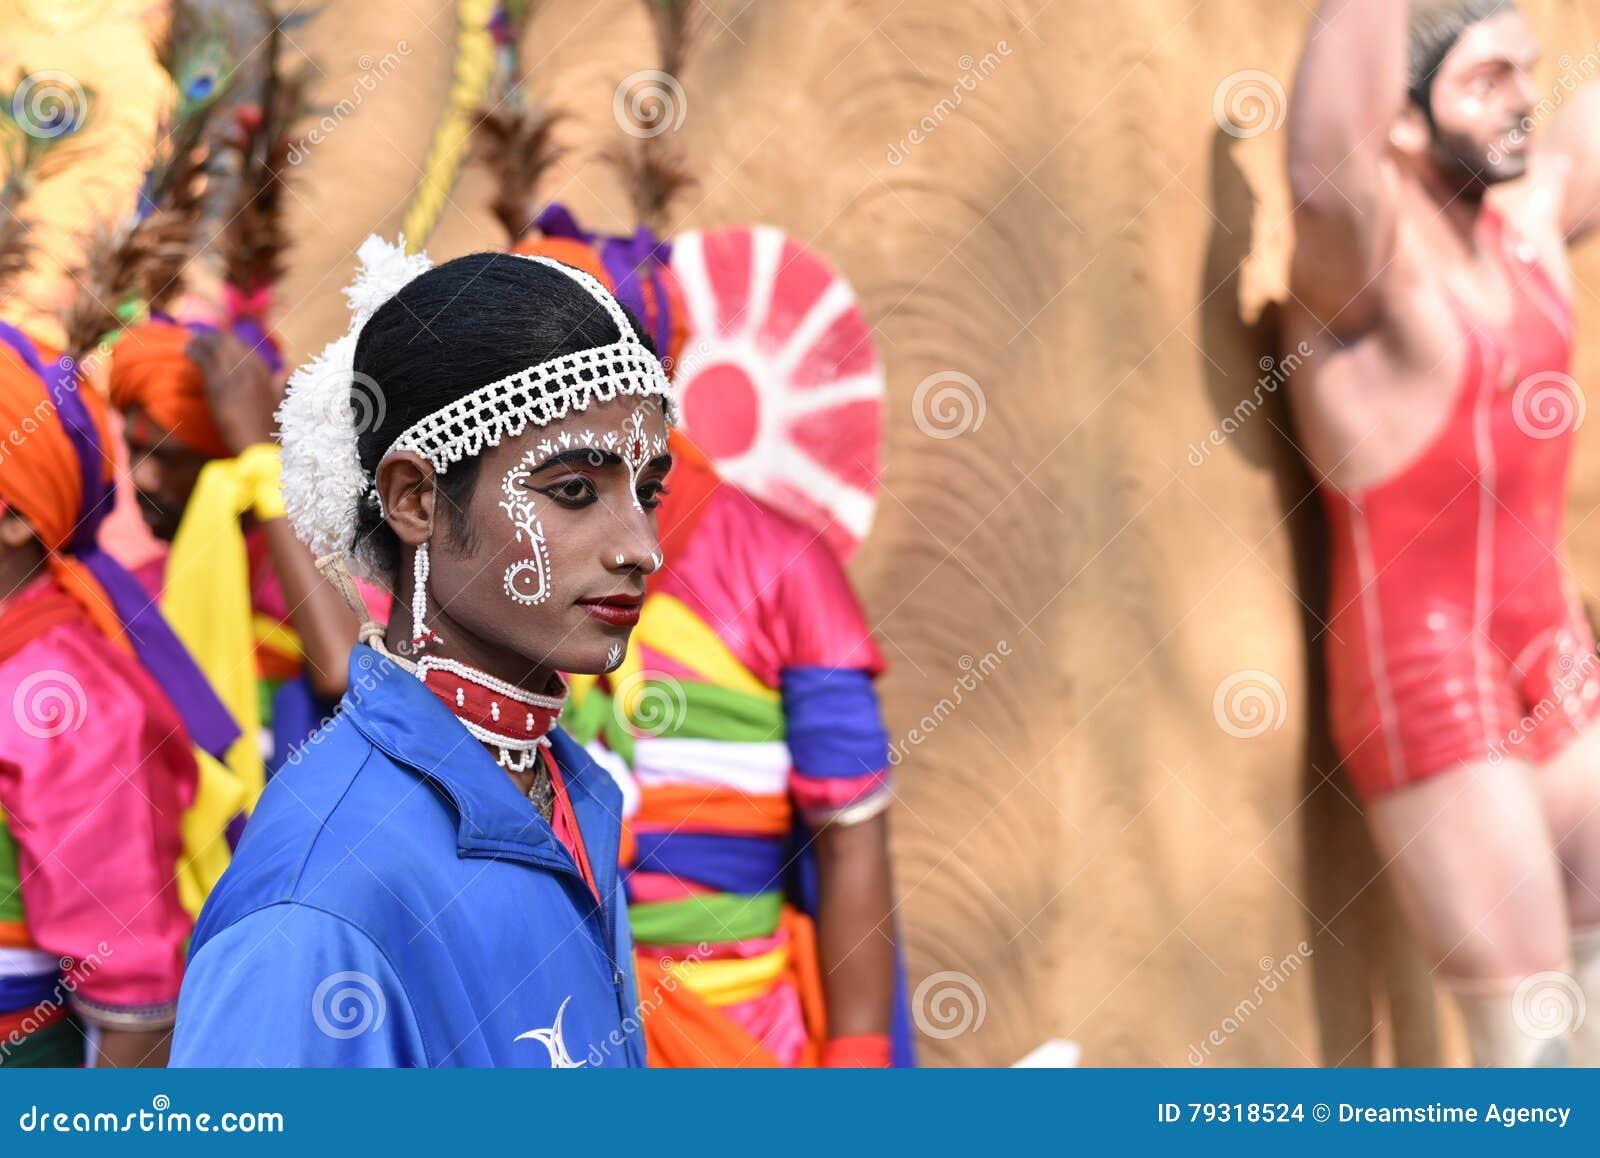 De mens in traditionele Indische etnisch maakt omhoog kledij, genietend van de markt